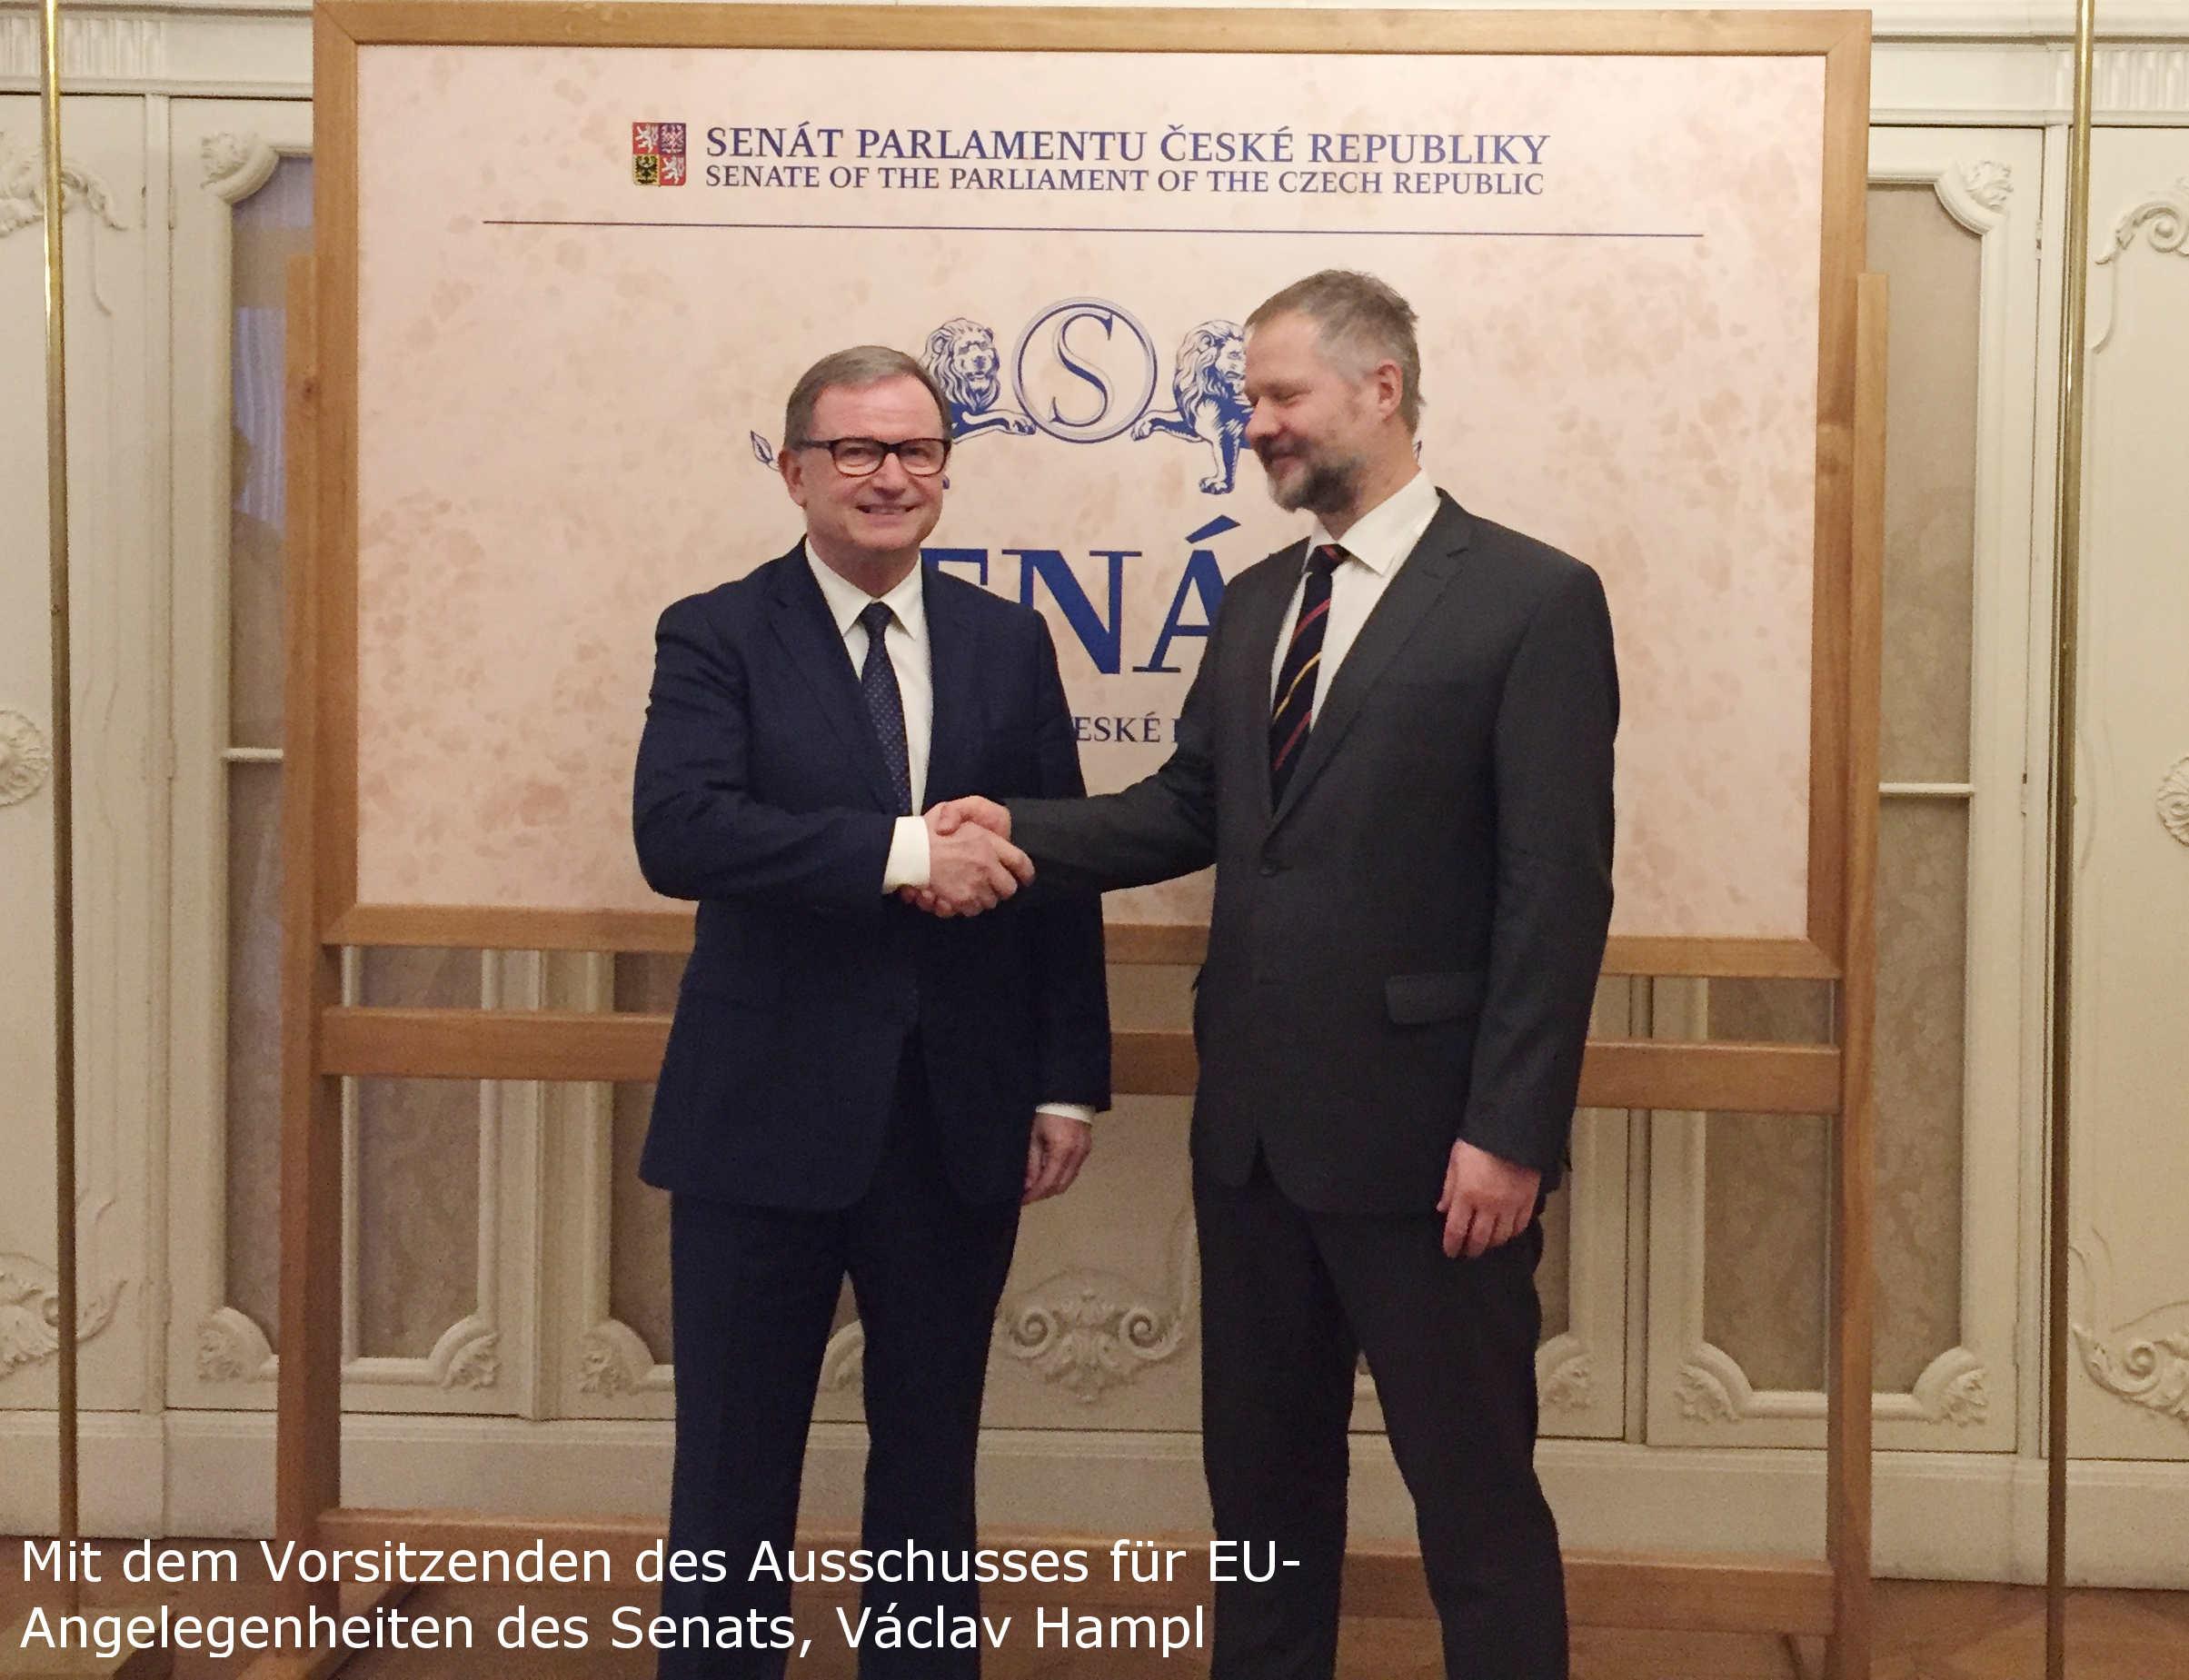 Mit dem Vorsitzenden des Ausschusses für EU-Angelegenheiten des Senats, Václav Hampl